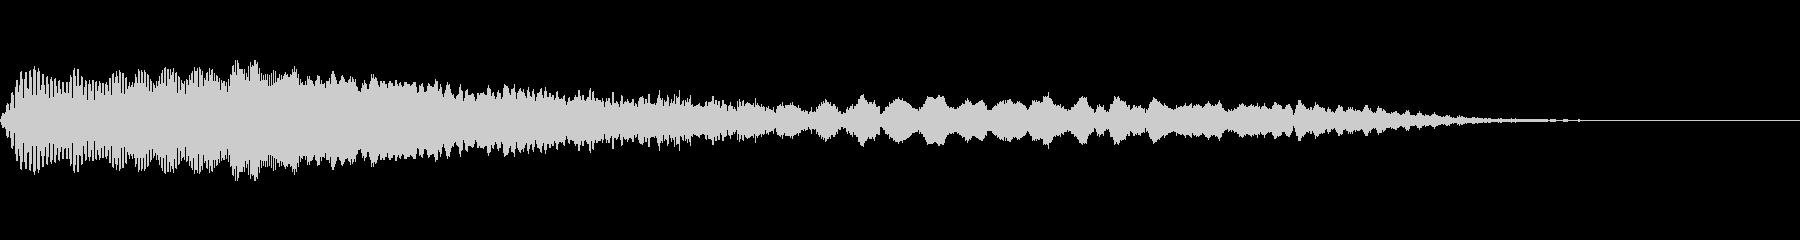 ソーサー離陸の未再生の波形